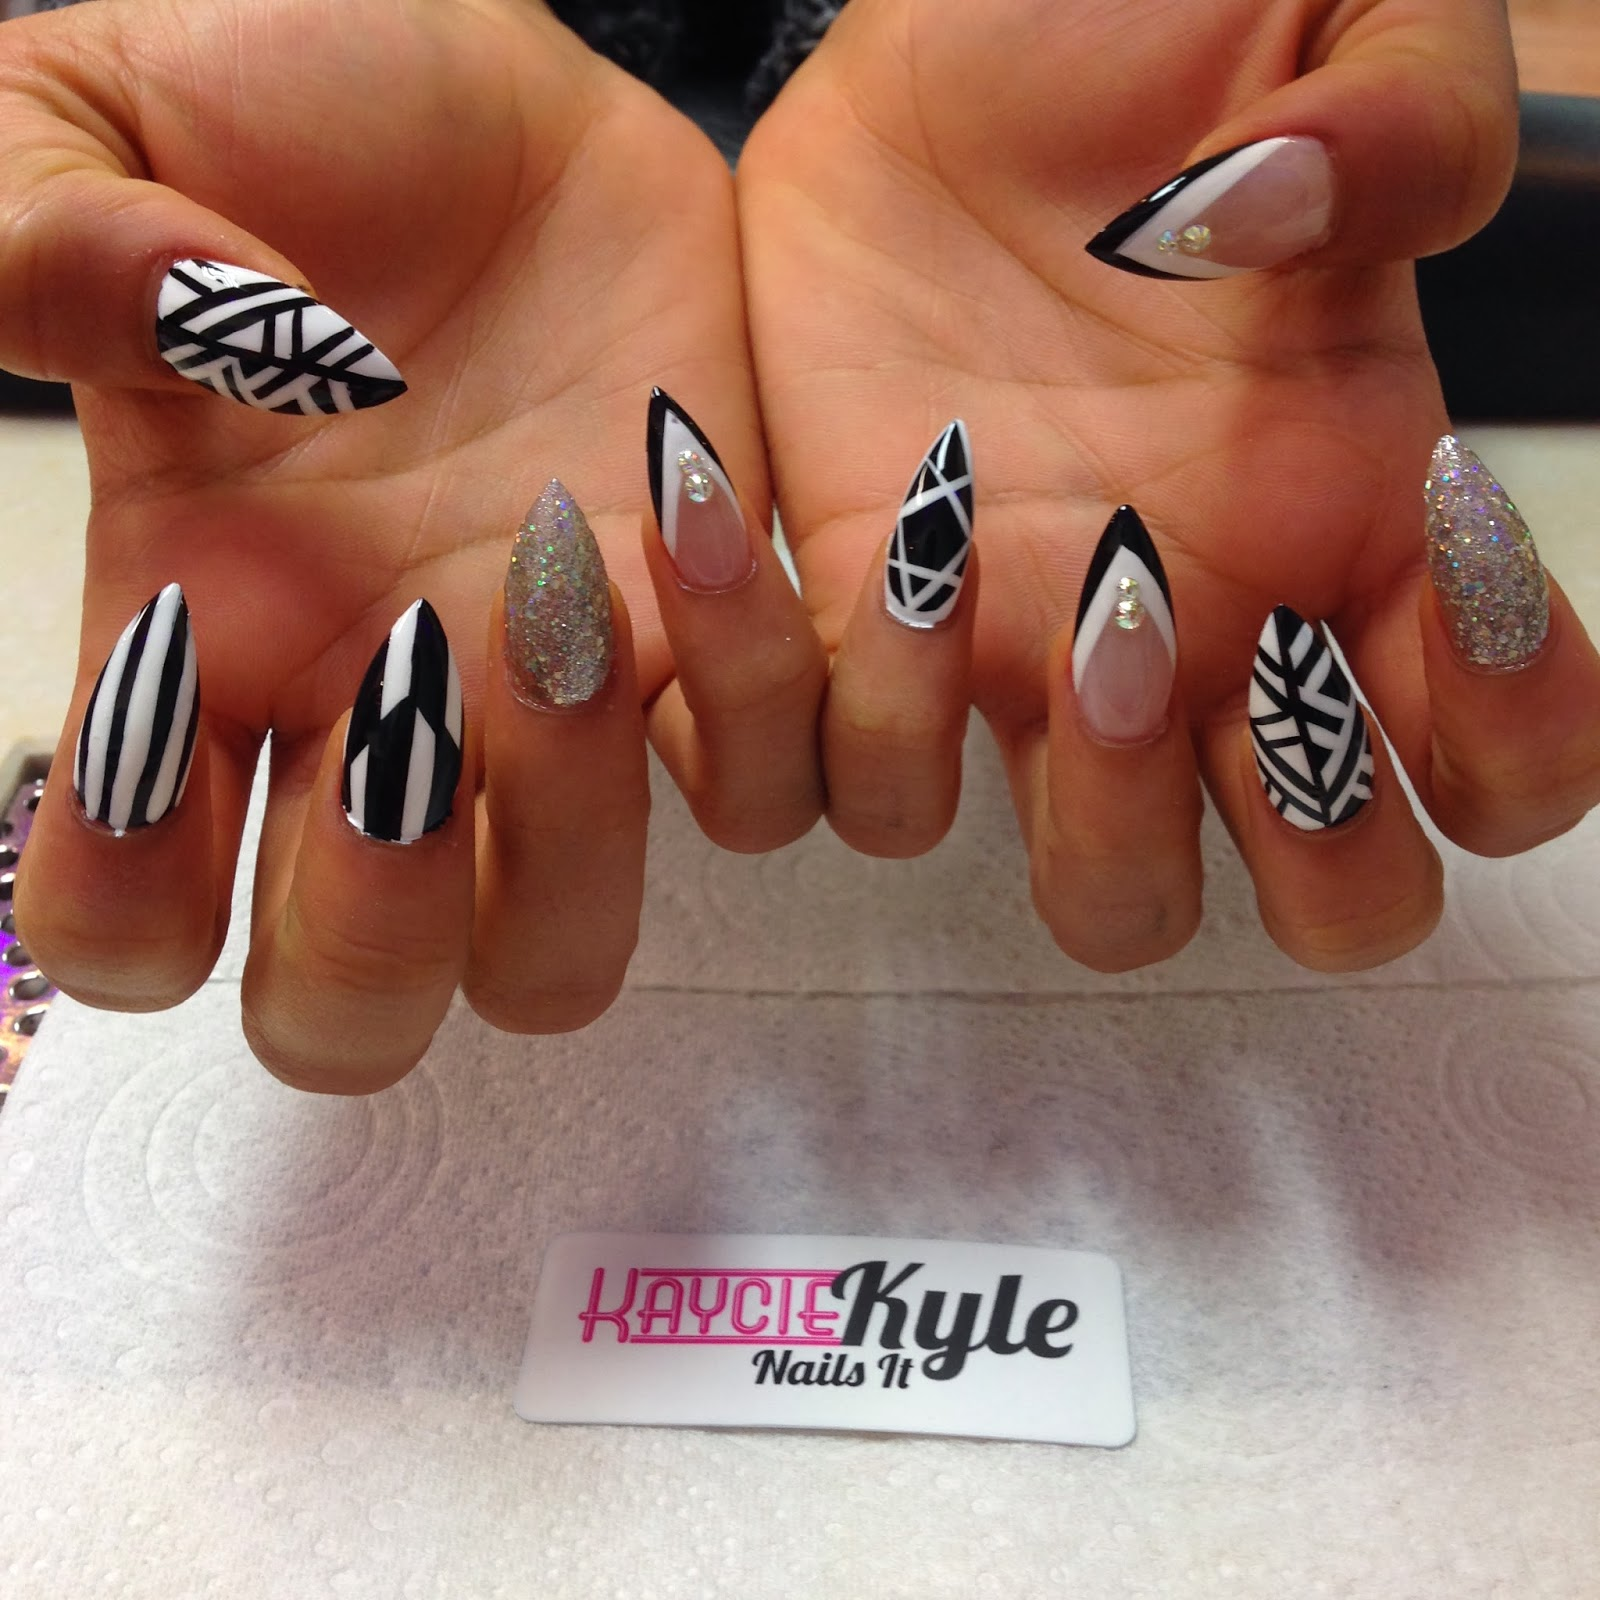 Nails of november kaycie kyle nails of november prinsesfo Gallery